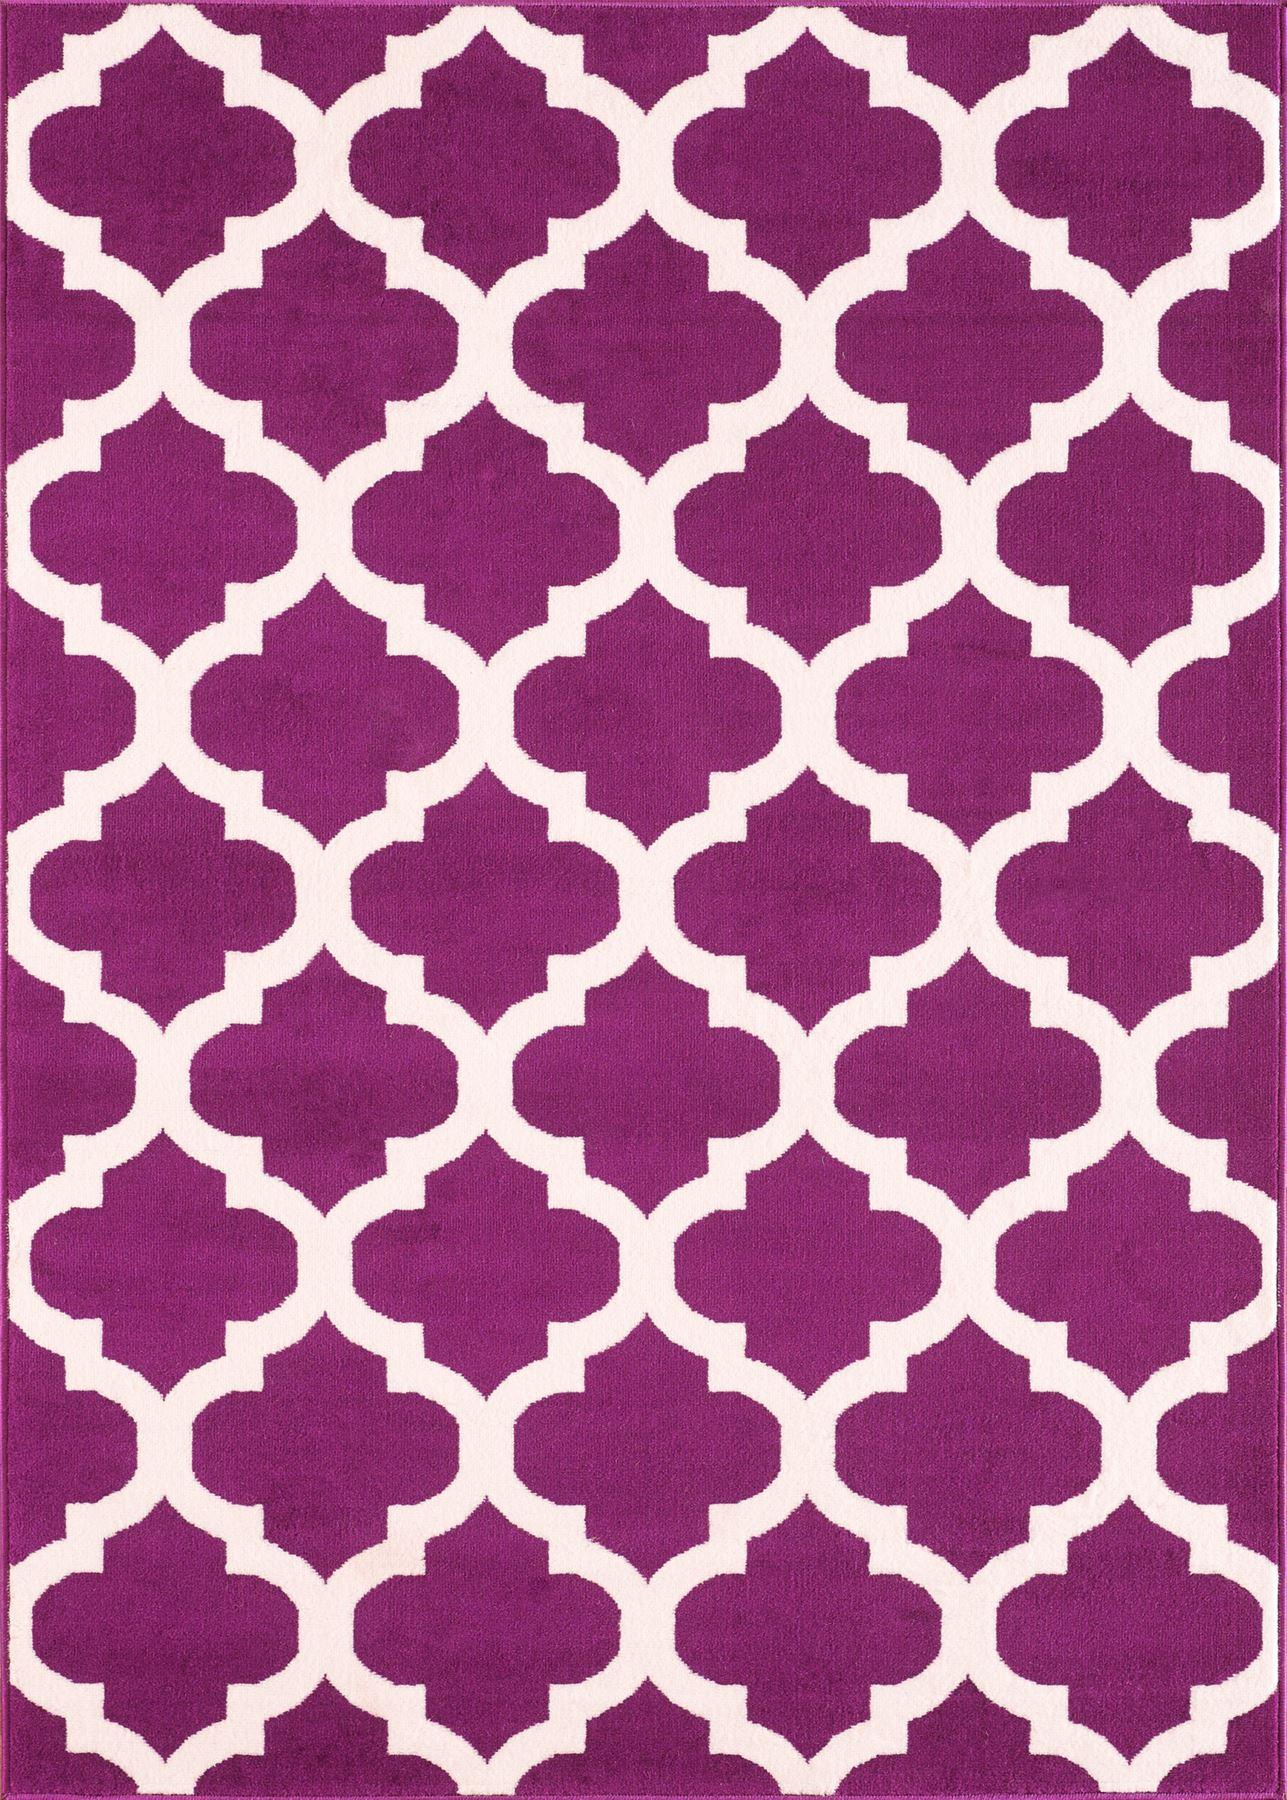 Nero-Rosso-Argento-Bianco-Viola-Moderno-Area-Tappeto-Traliccio-DESIGN-CUCINA-outdoorrug miniatura 8